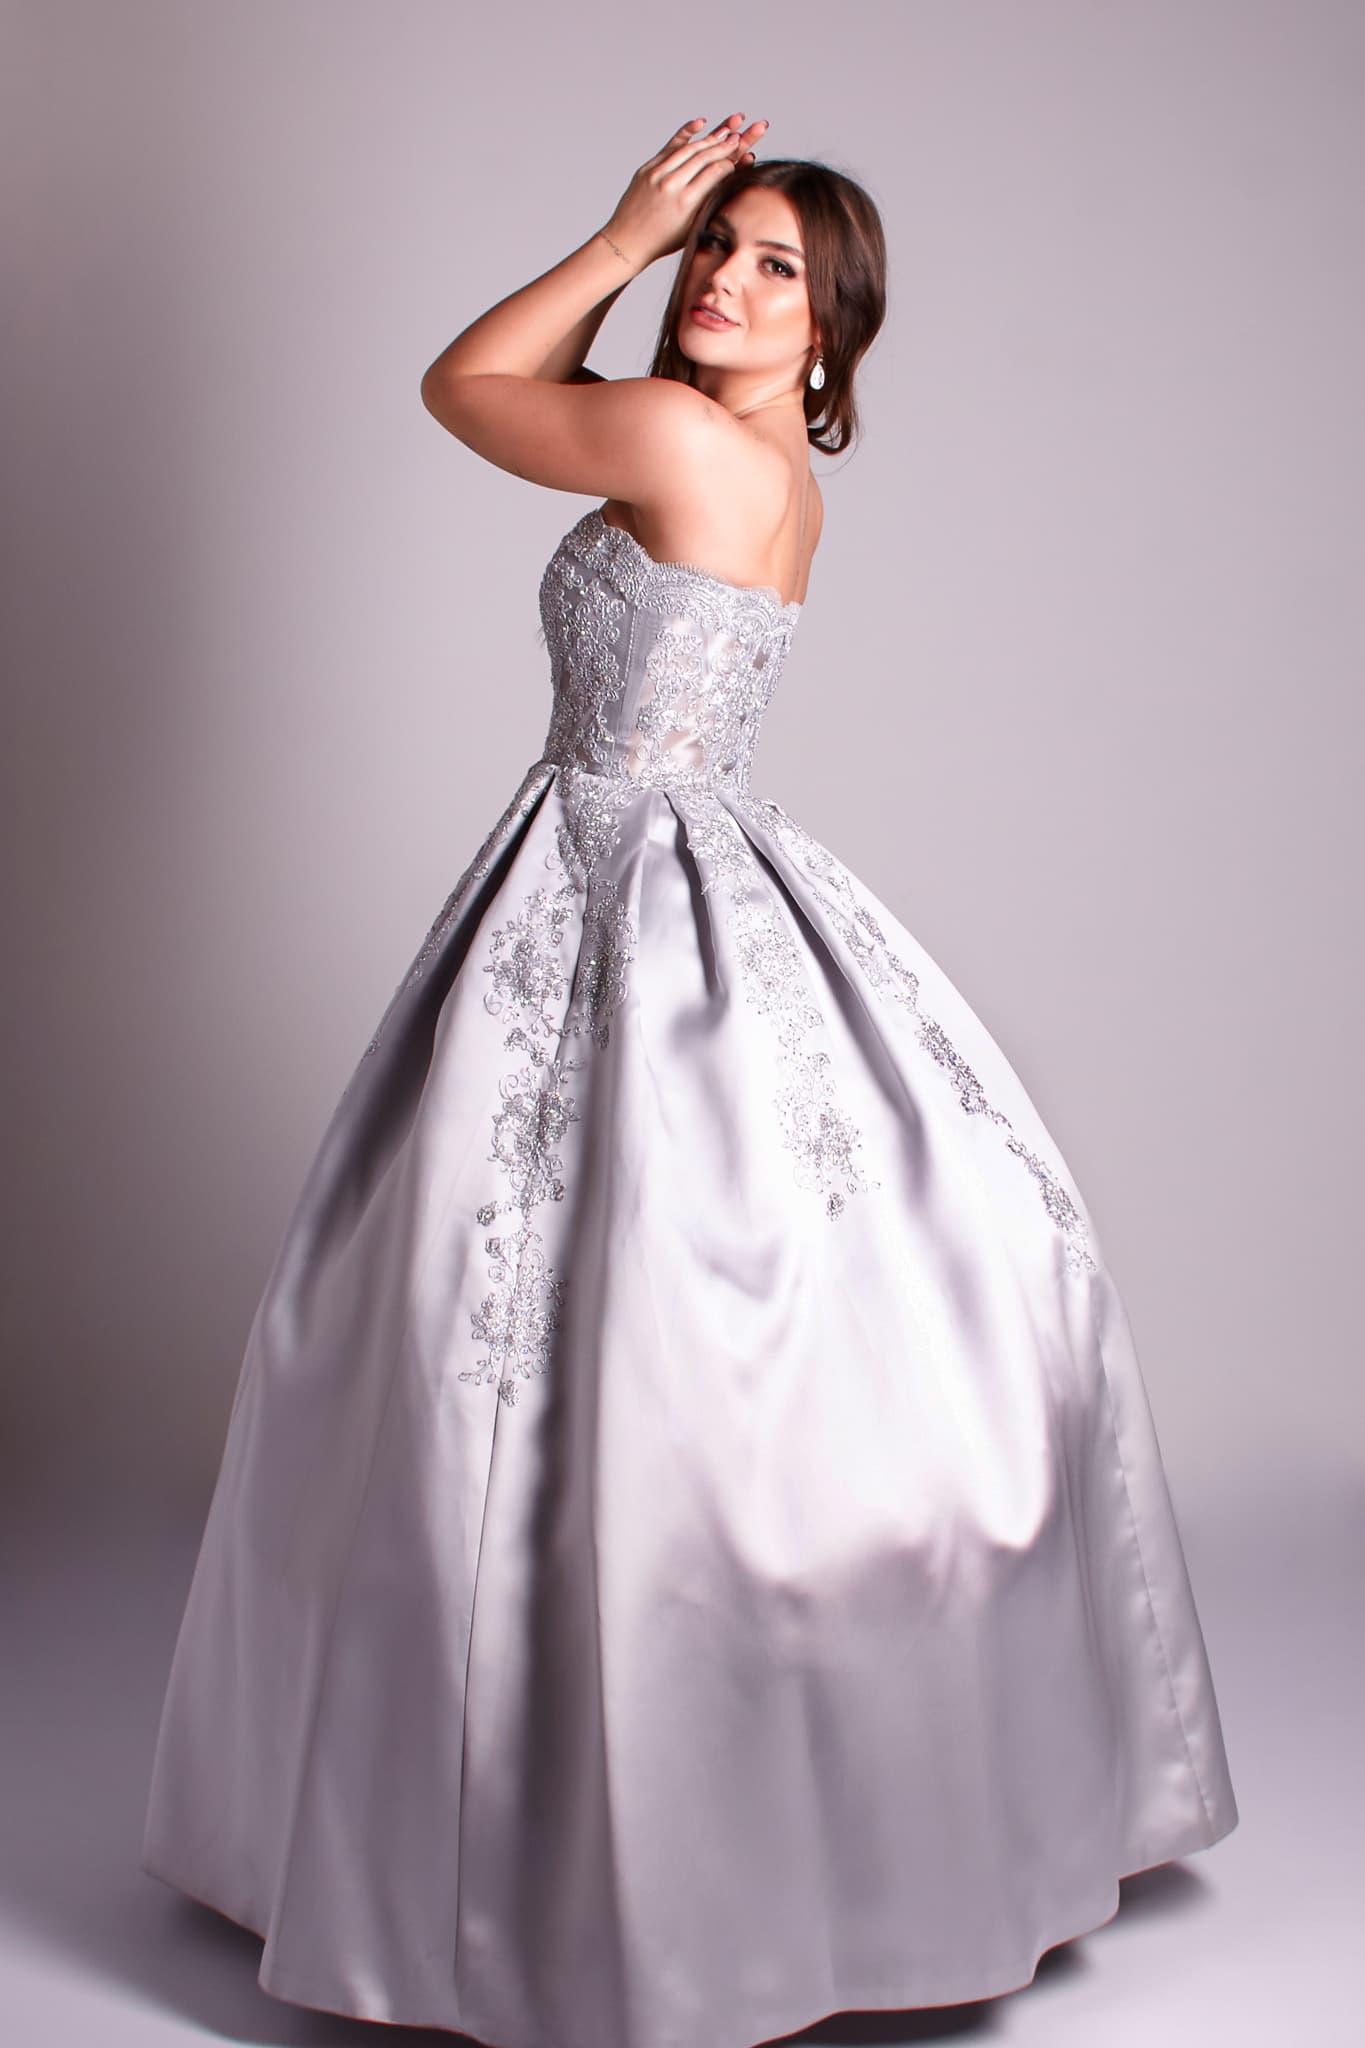 17 - Vestidoprata de valsa com renda e sem alças